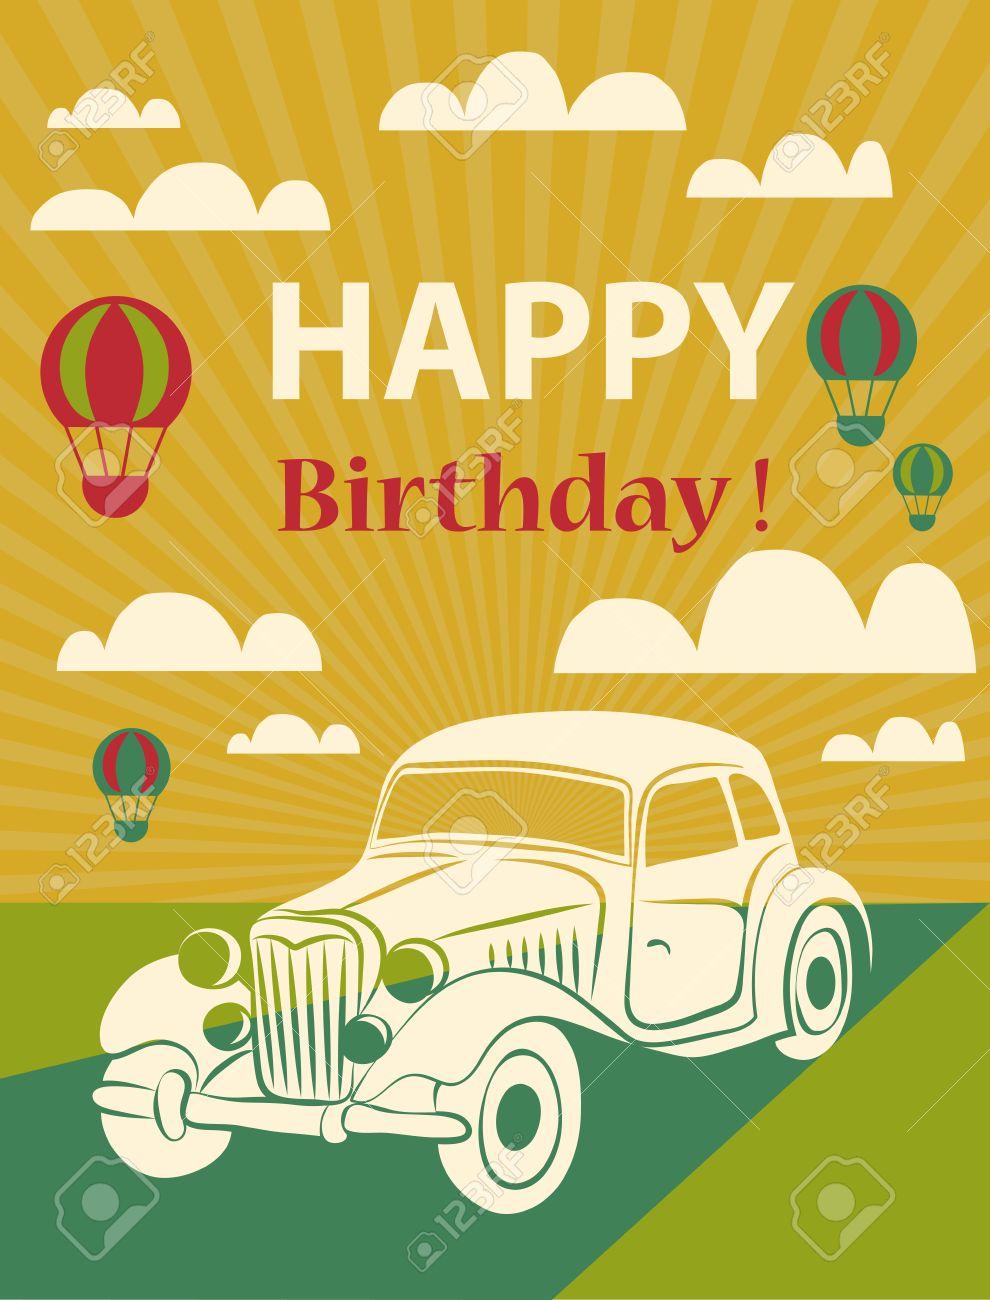 Alles Gute Zum Geburtstag Karte Mit Retro Auto Und Heissluftballons